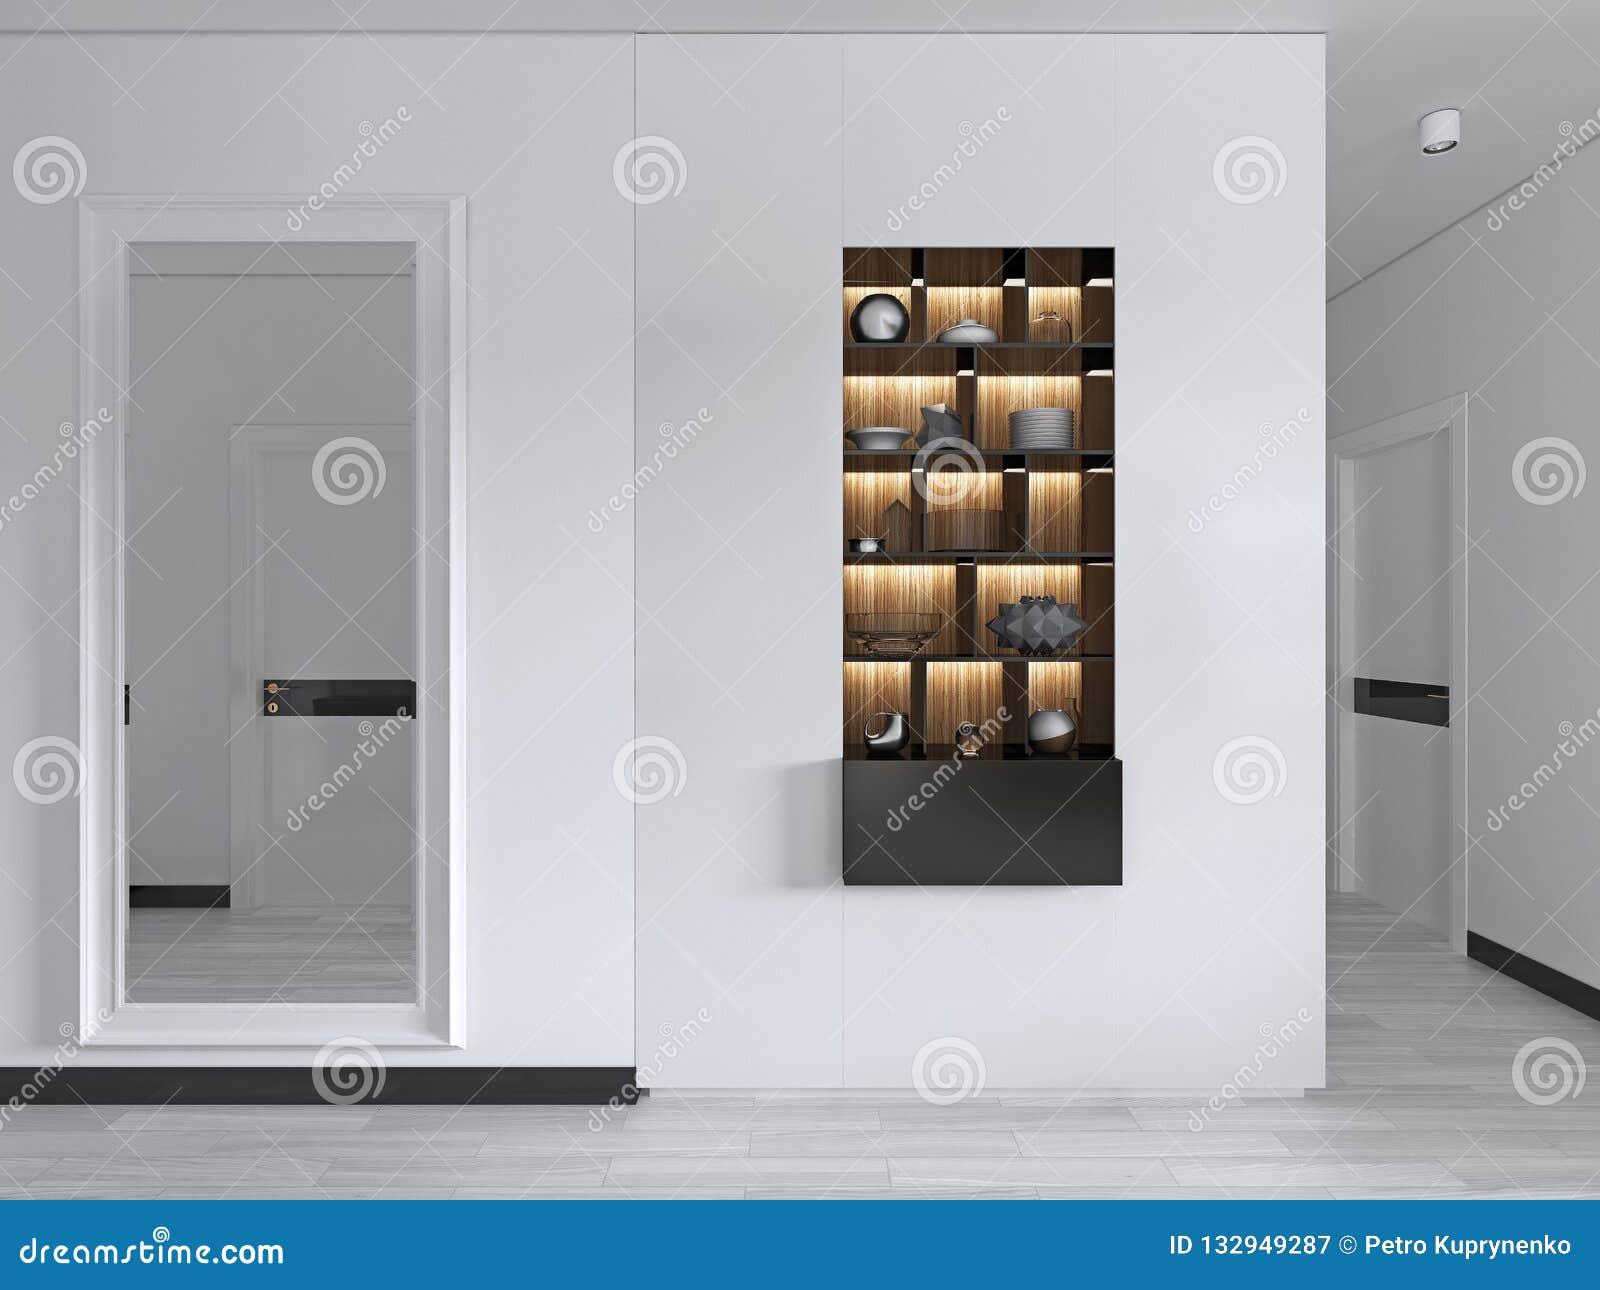 Grand Miroir D Entrée hall d'entrée avec un grand miroir dans un cadre blanc avec